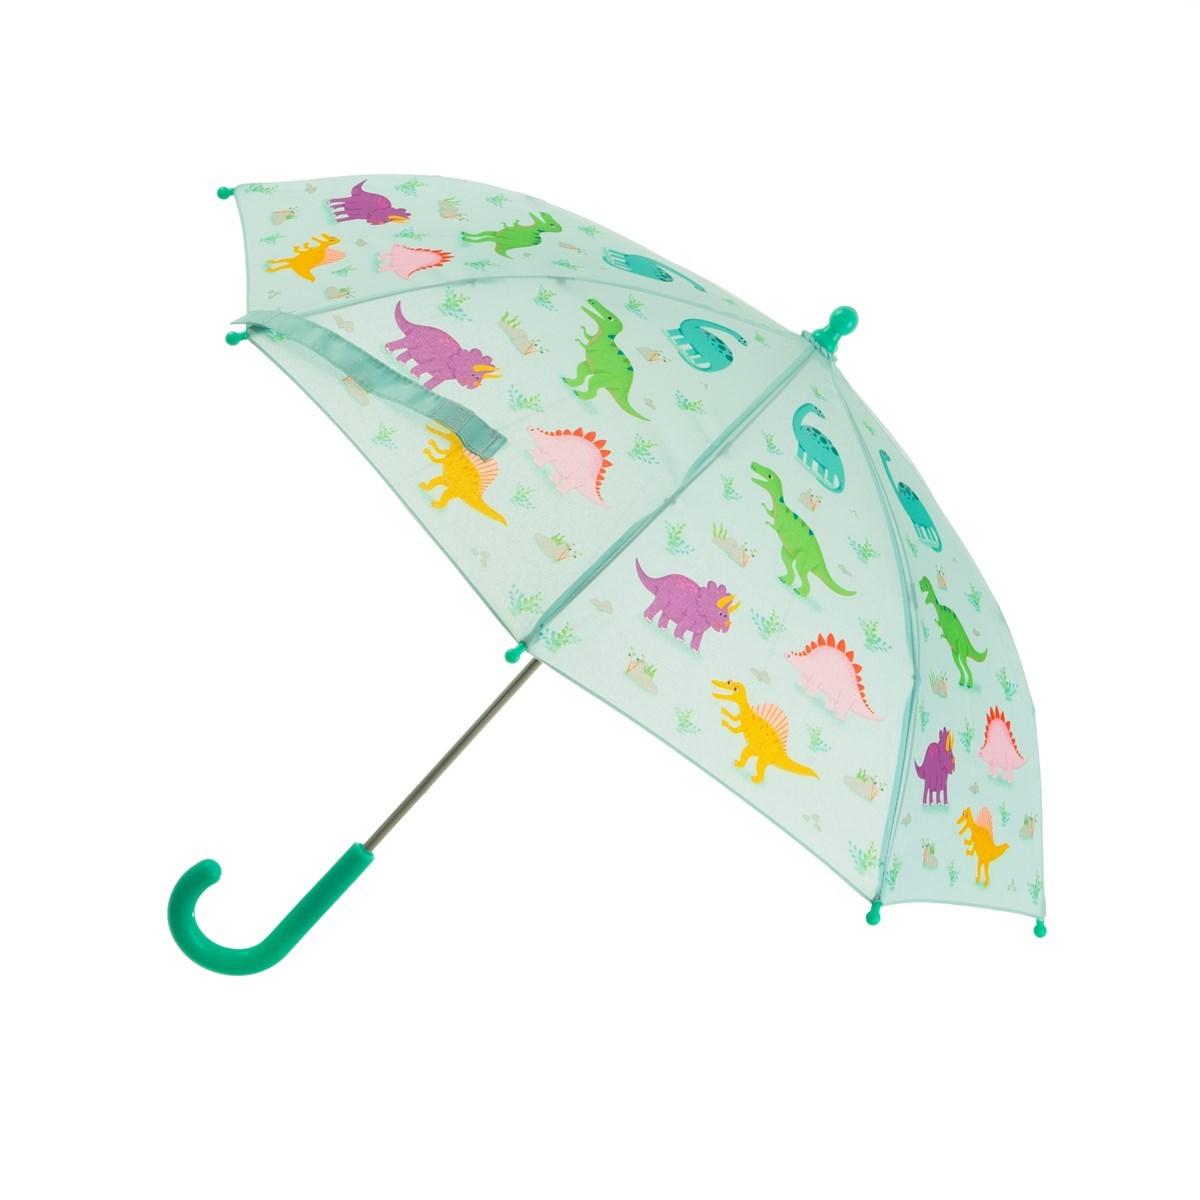 Dětský deštník Roarsome Dinosaurs_1